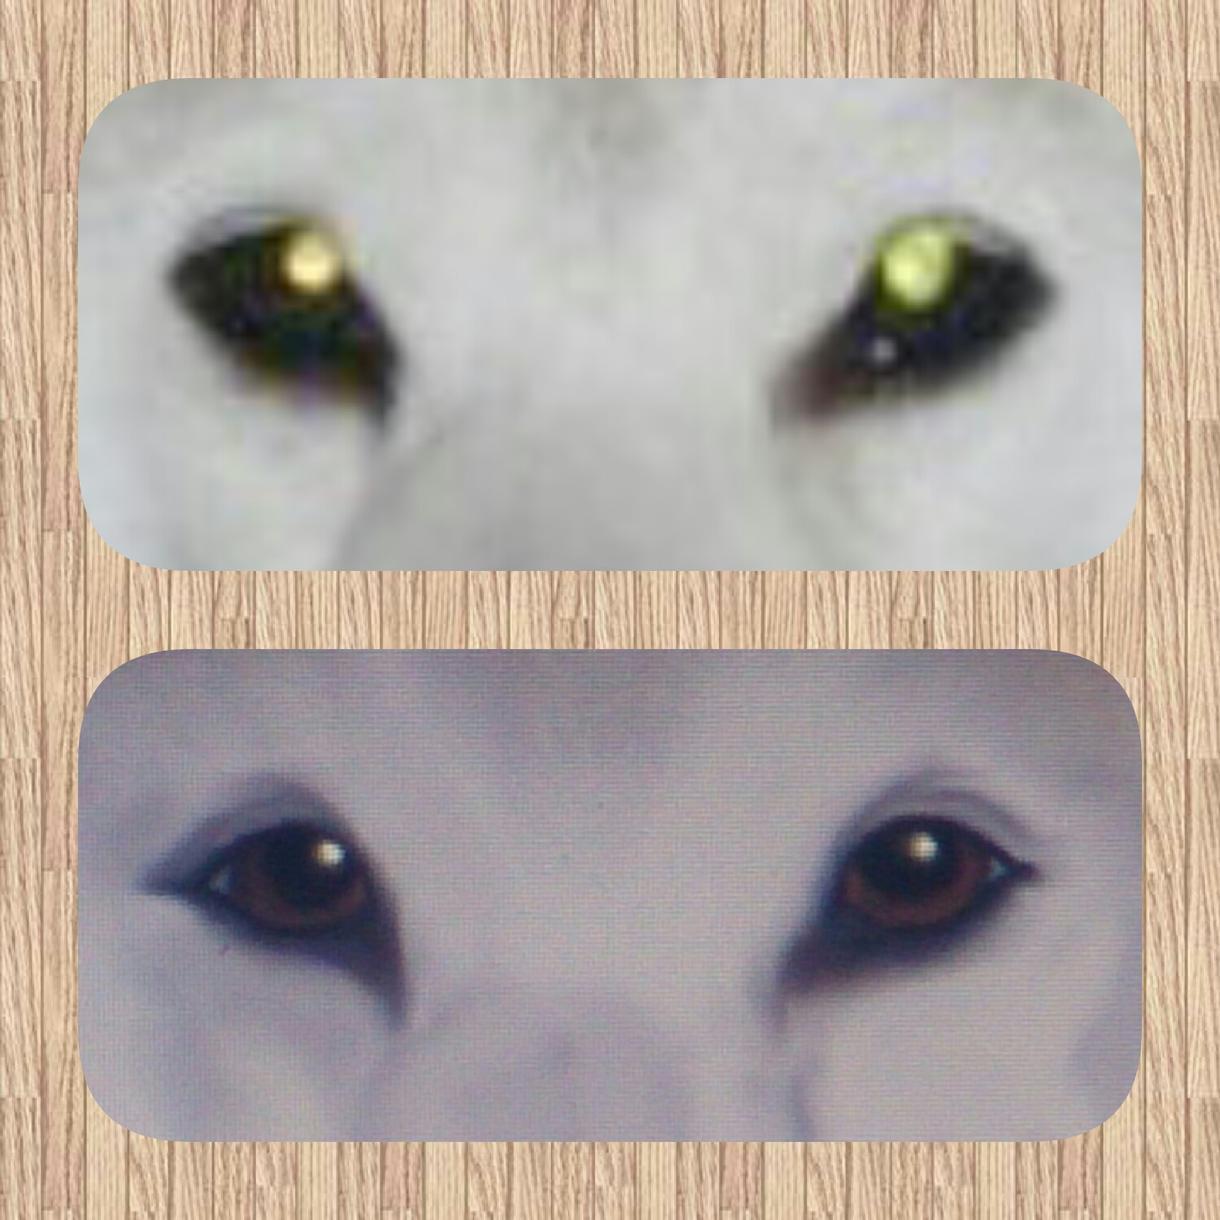 ペットの赤目を修正します 犬猫の飼い主さん、写真が綺麗に撮れなかった時に